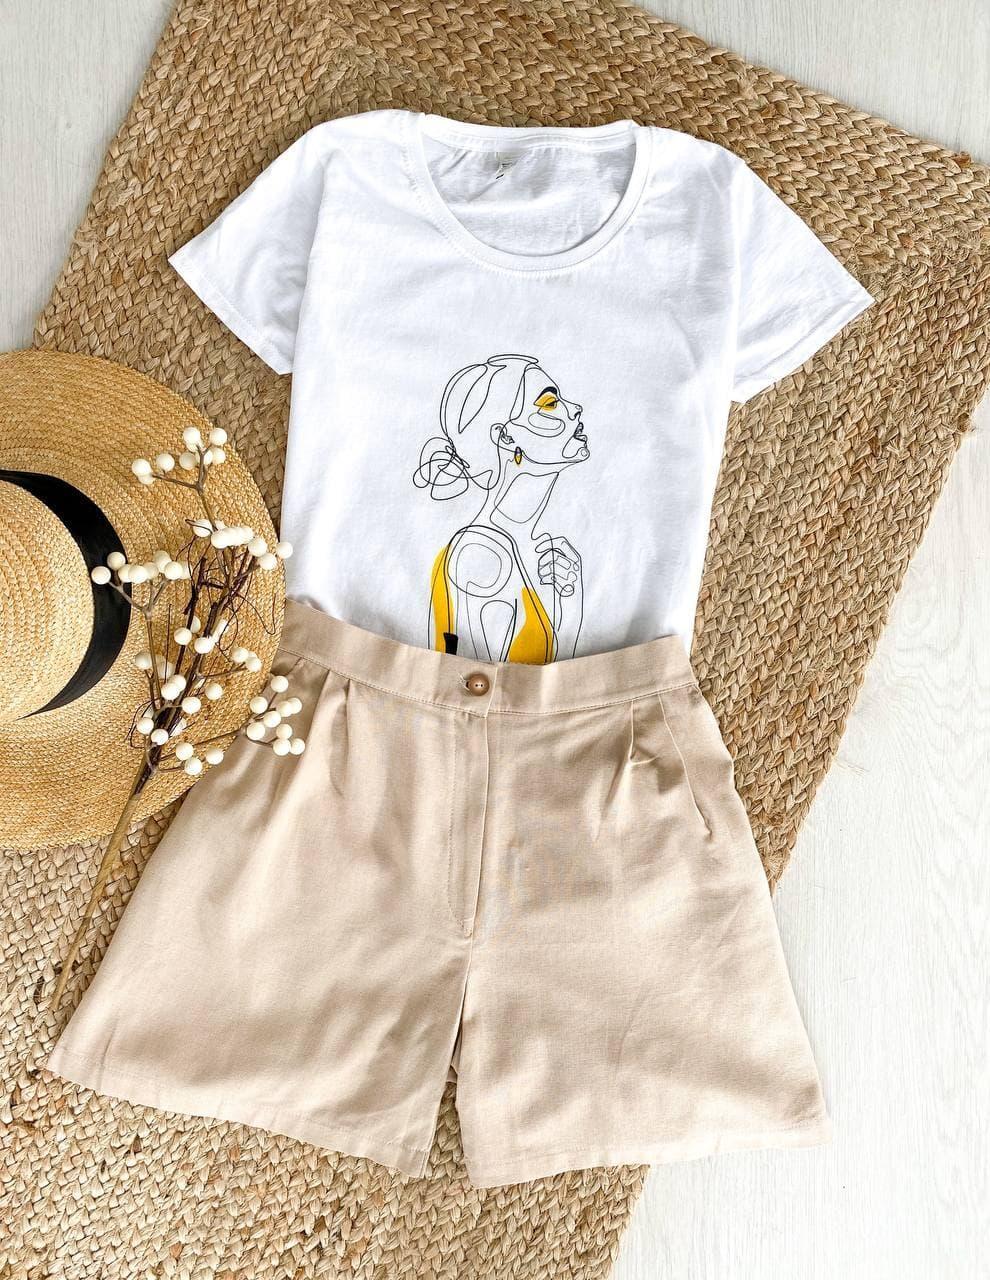 Комплект жіночий (шорти й футболка) з модним принтом. Жіночий літній костюм з принтом (футболка + шорти).